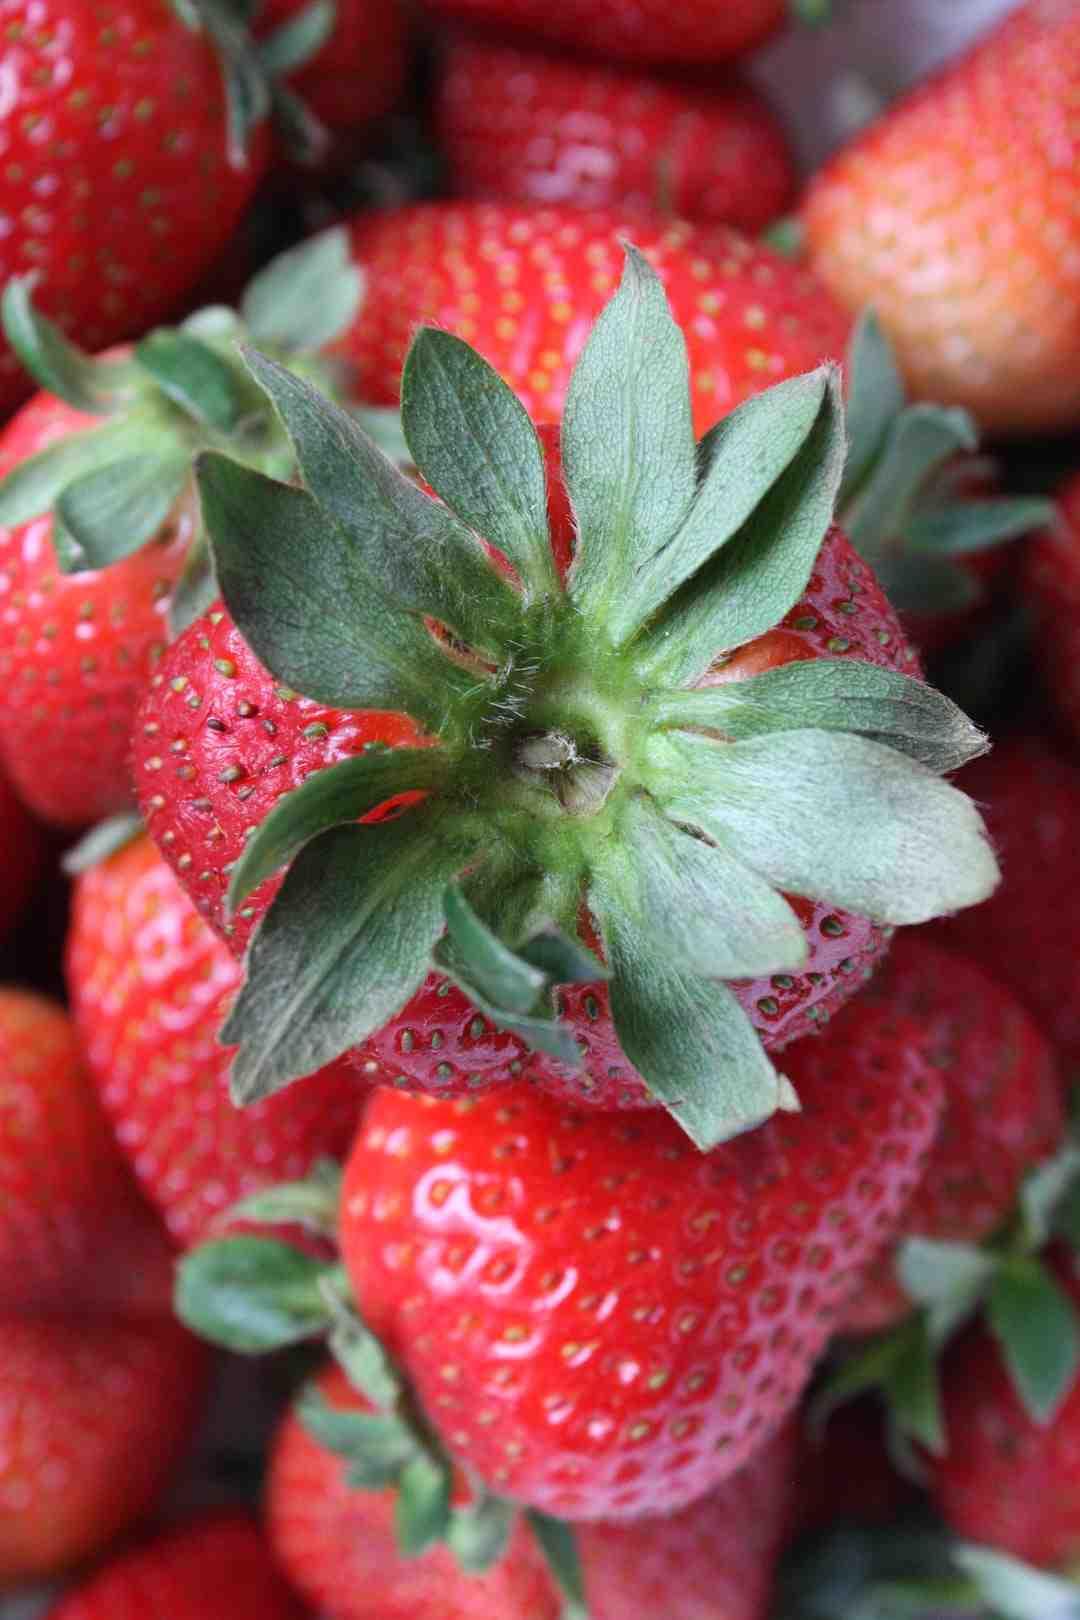 Comment epaissir de la confiture de fraise trop liquide ?